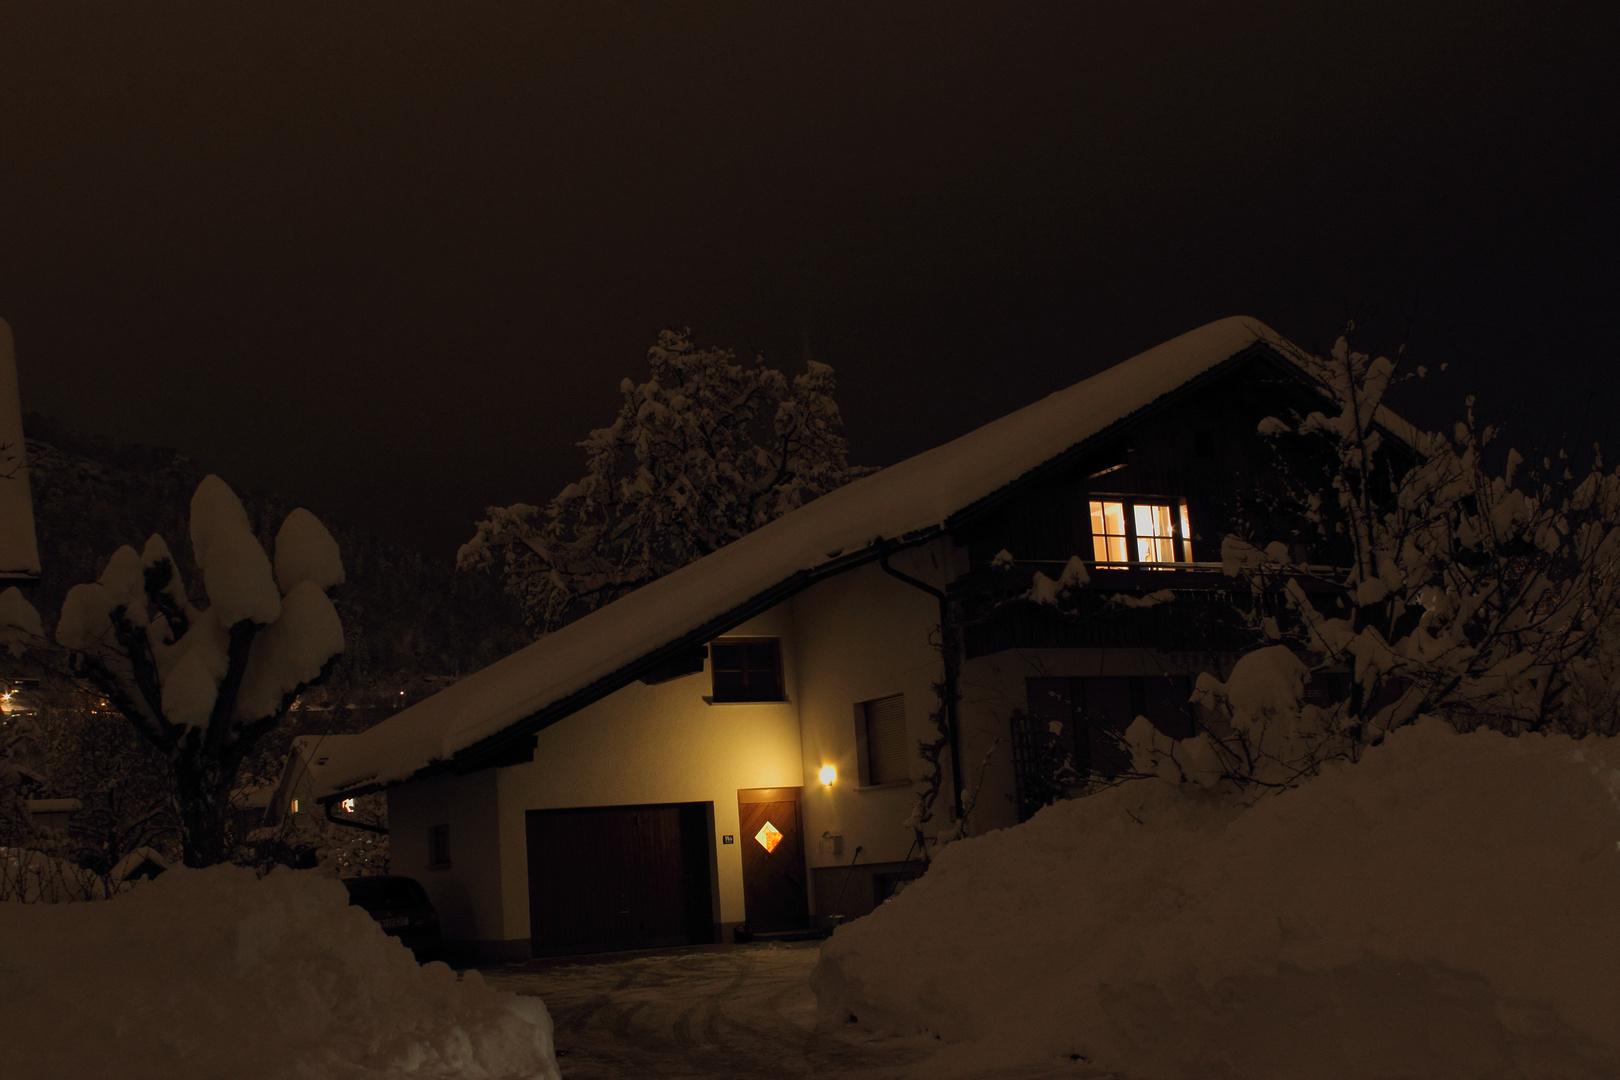 Schneerekord in Bregenz